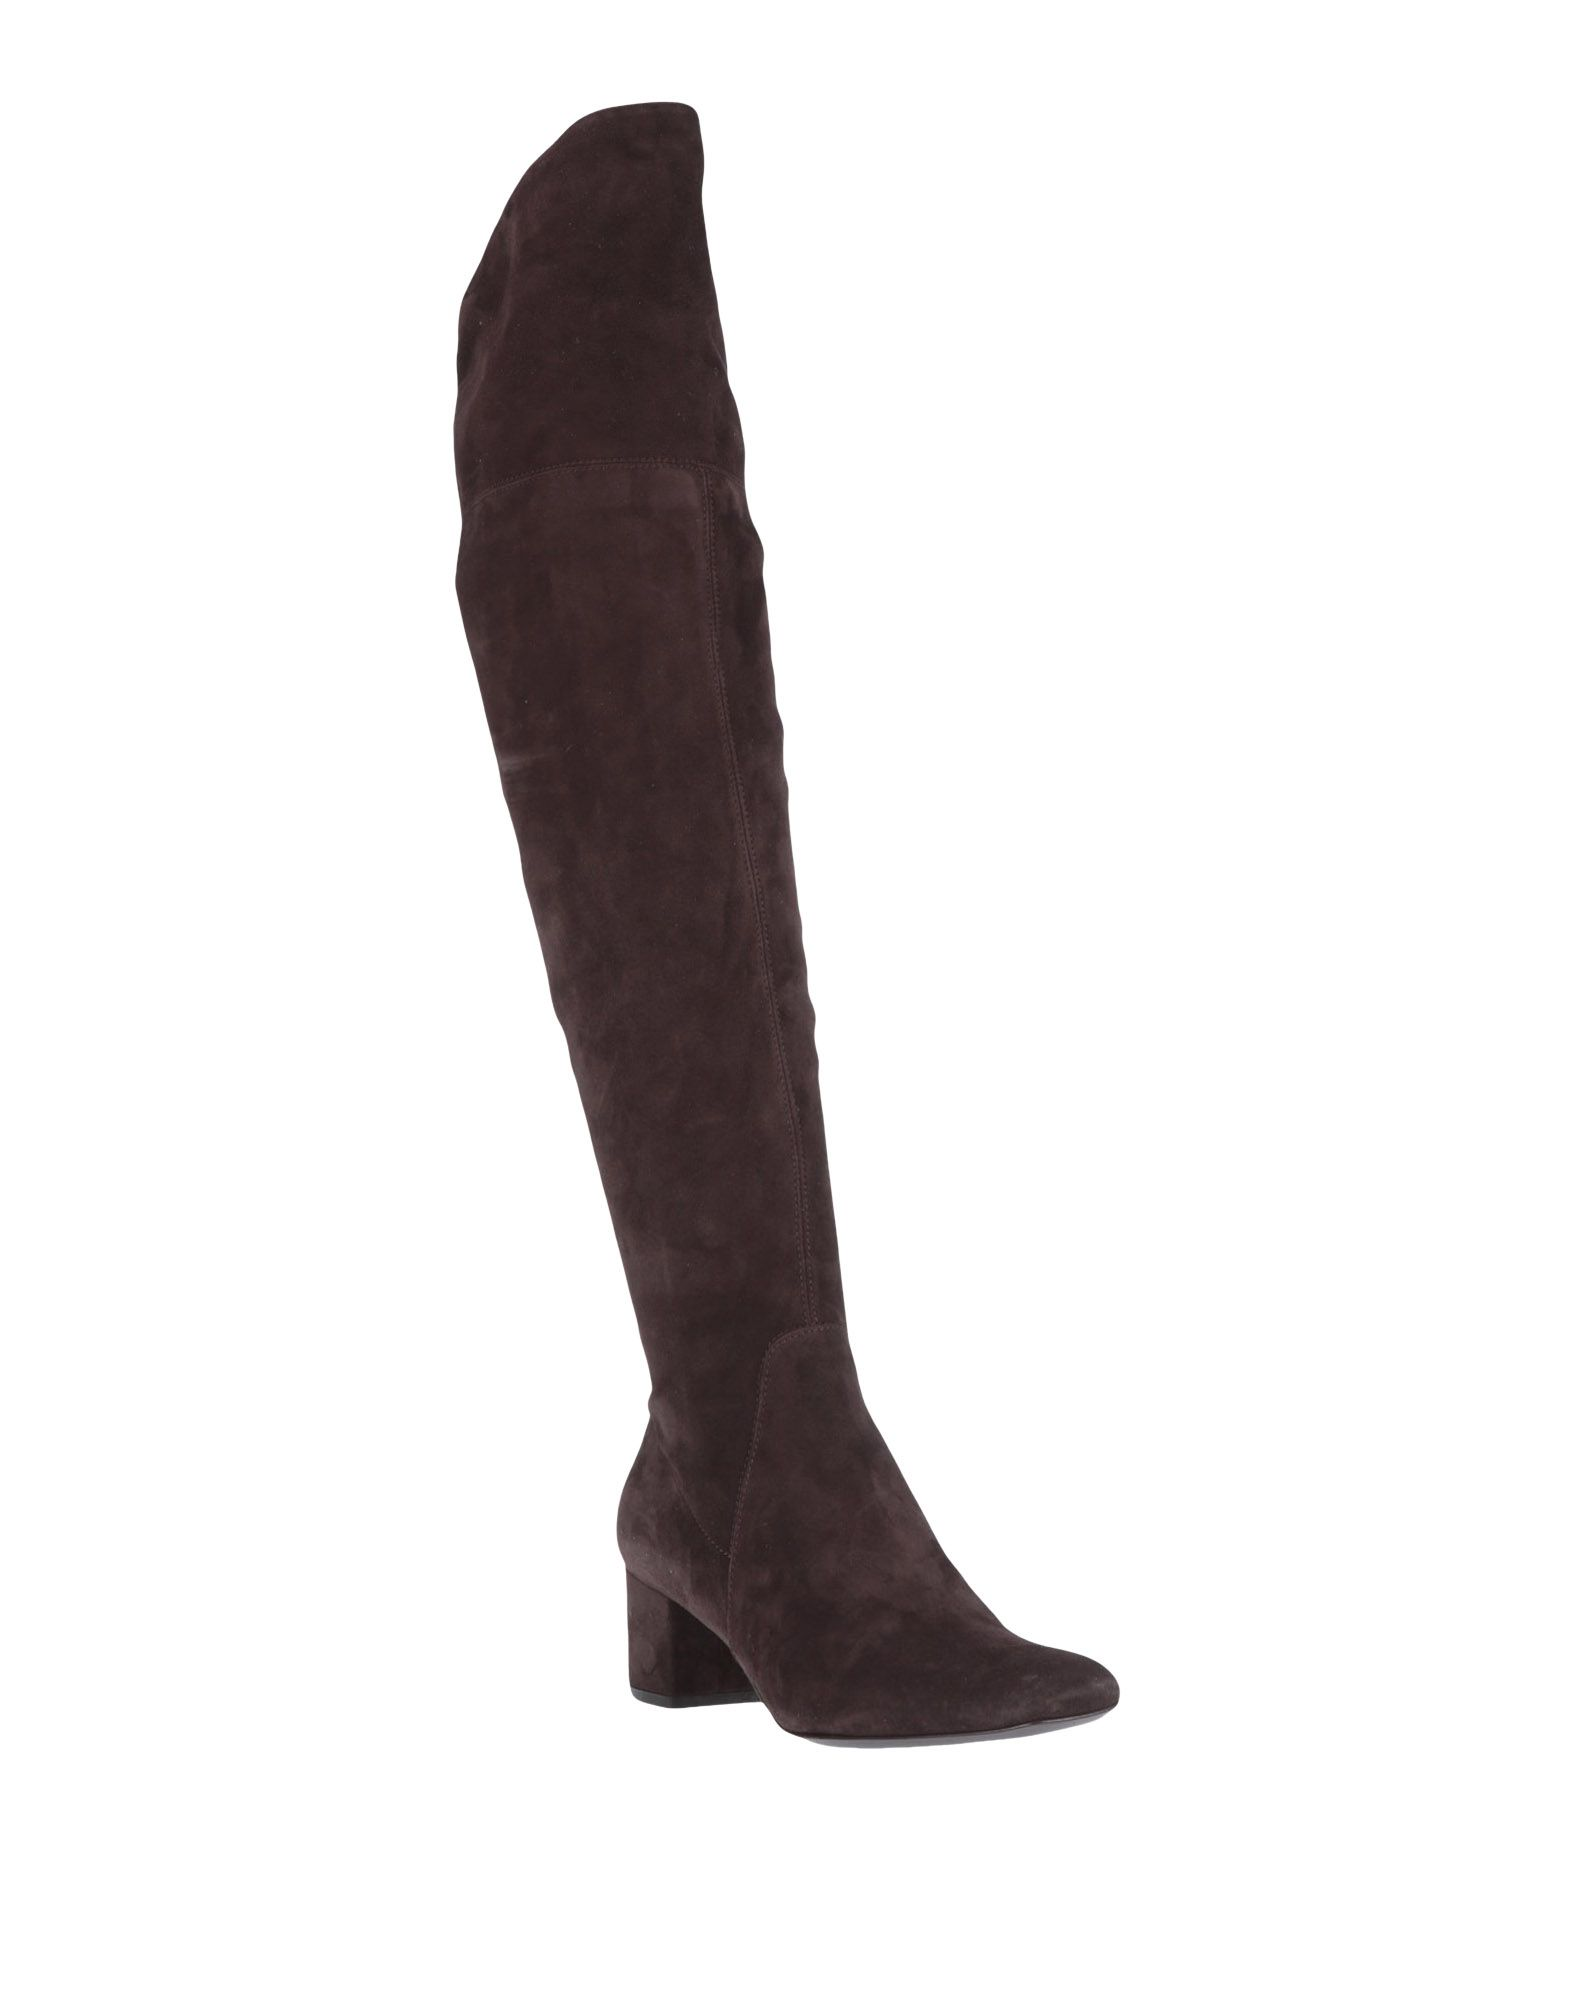 Maria Cristina Beliebte Stiefel Damen  11524231RF Beliebte Cristina Schuhe 4ae6ef